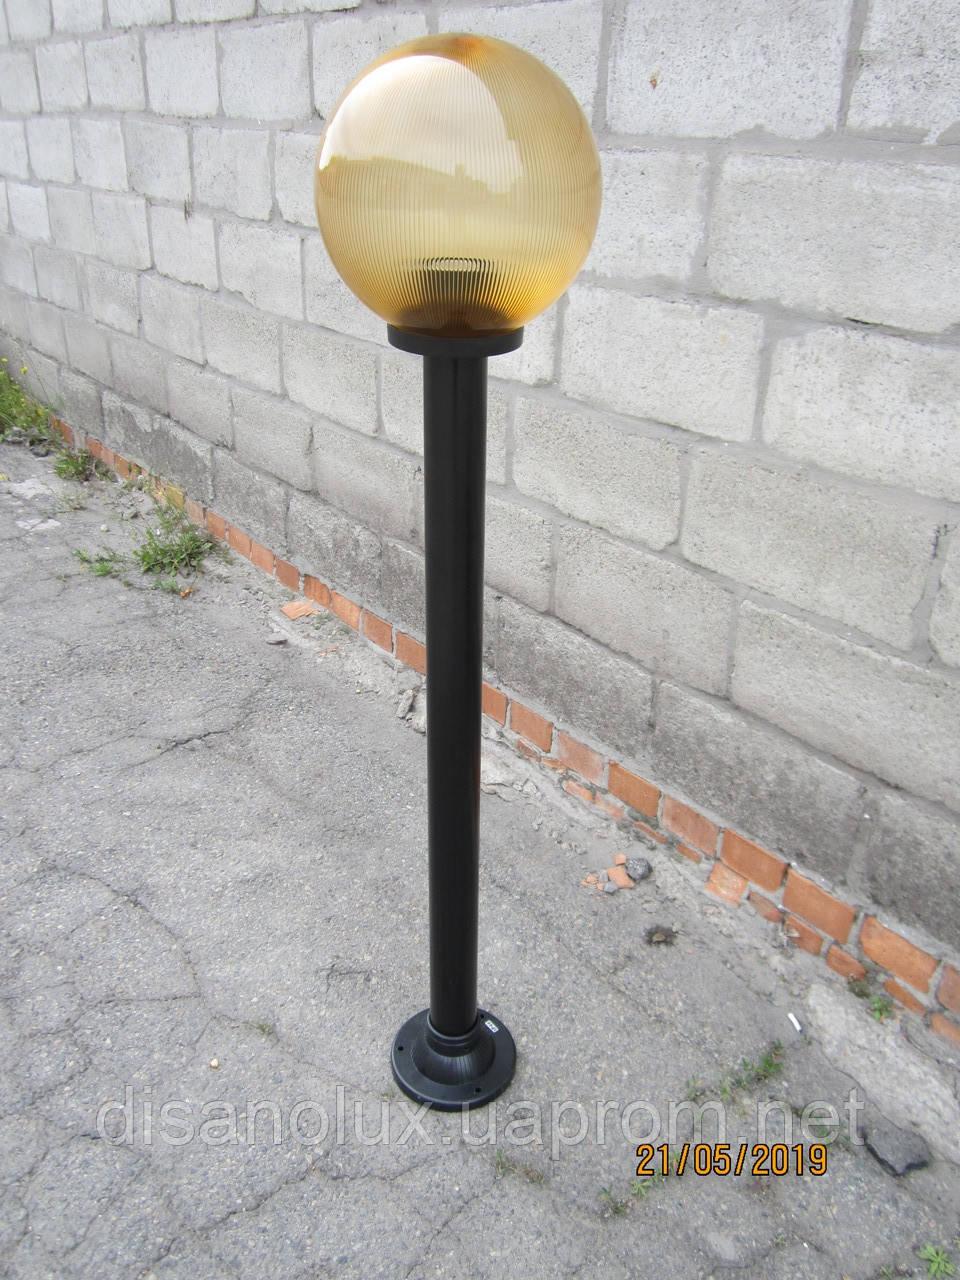 """Светильник парковый  """"Столб"""" NF1,50м с  основанием  для столба и шар NF1807 φ250мм золото призматик  IP44"""